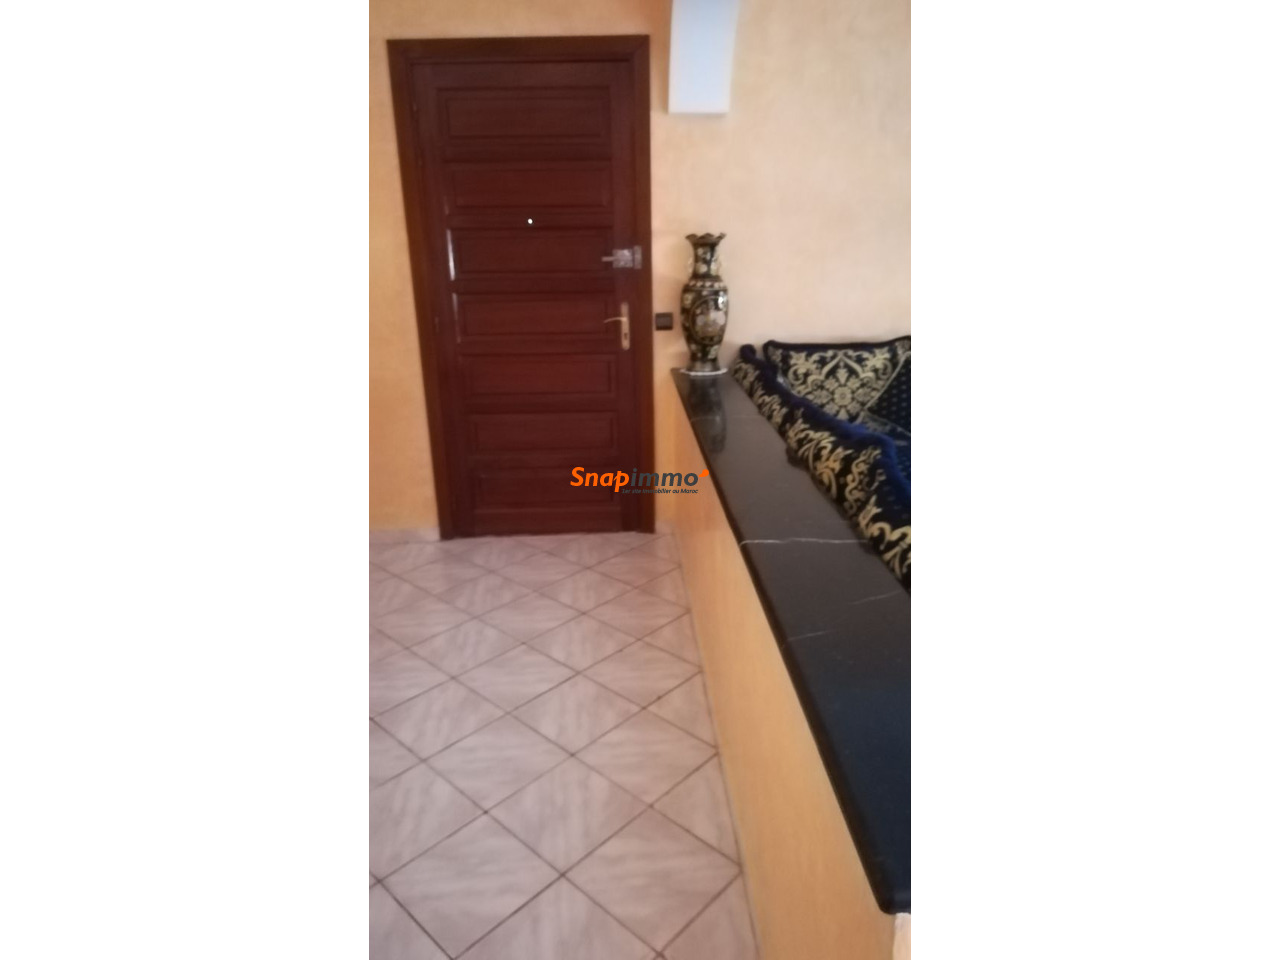 Appartement de 108 m2 9 juillet mohammedia - 2/4